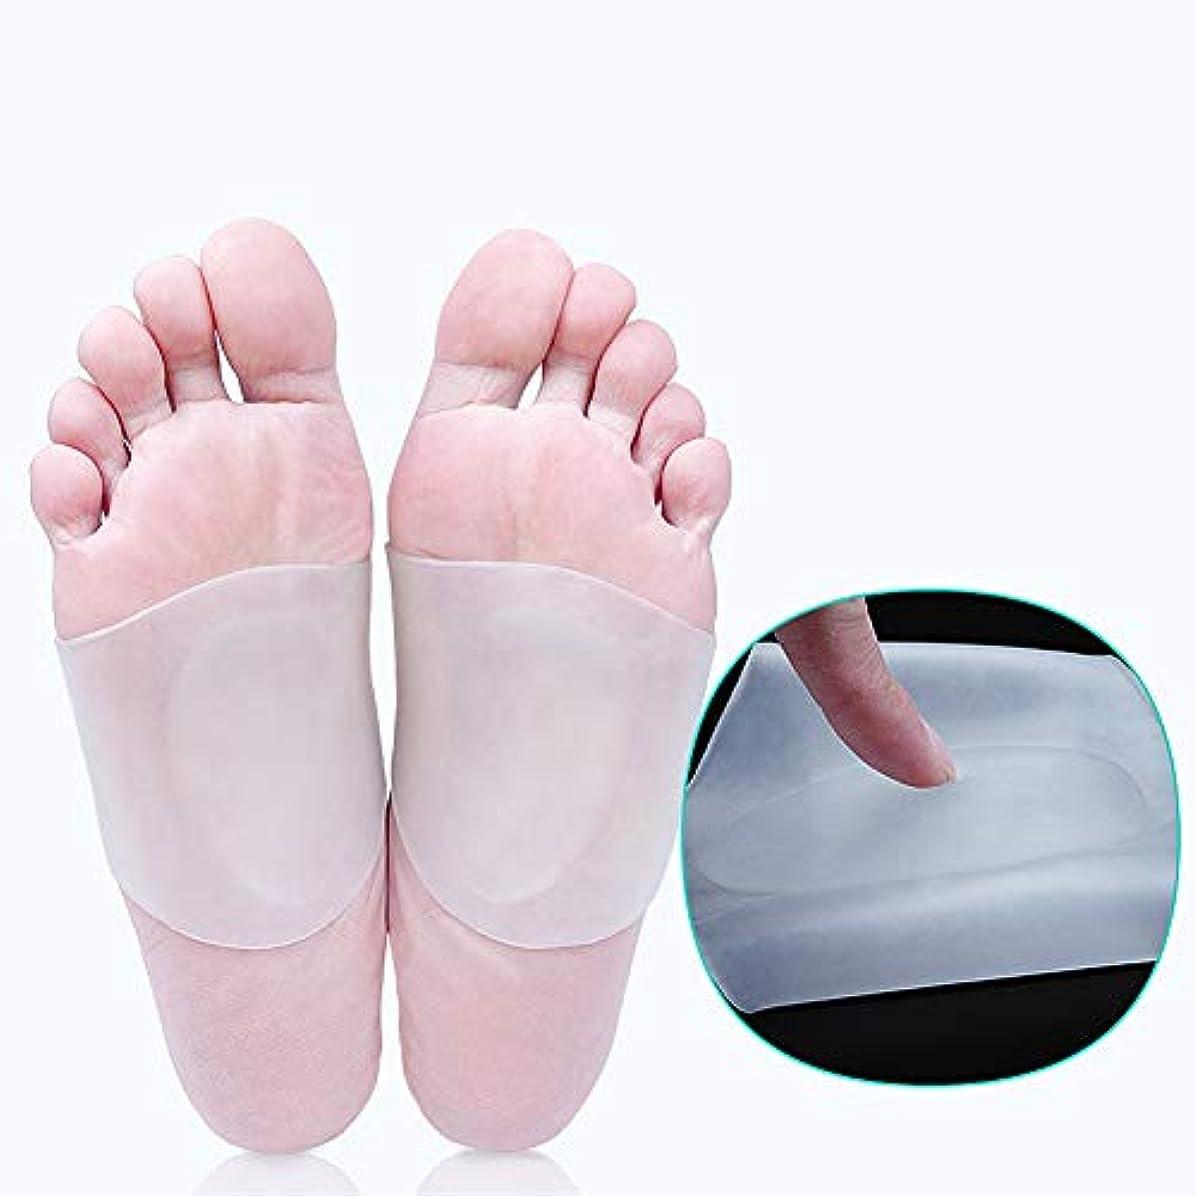 借りるれる混合アーチ型サポートシューインサートフットパッド、足底筋膜炎インサートフラットフットパッド、ハイまたはローアーチジェルパッドインソール、フットアーチとかかとの痛みを緩和 (S)